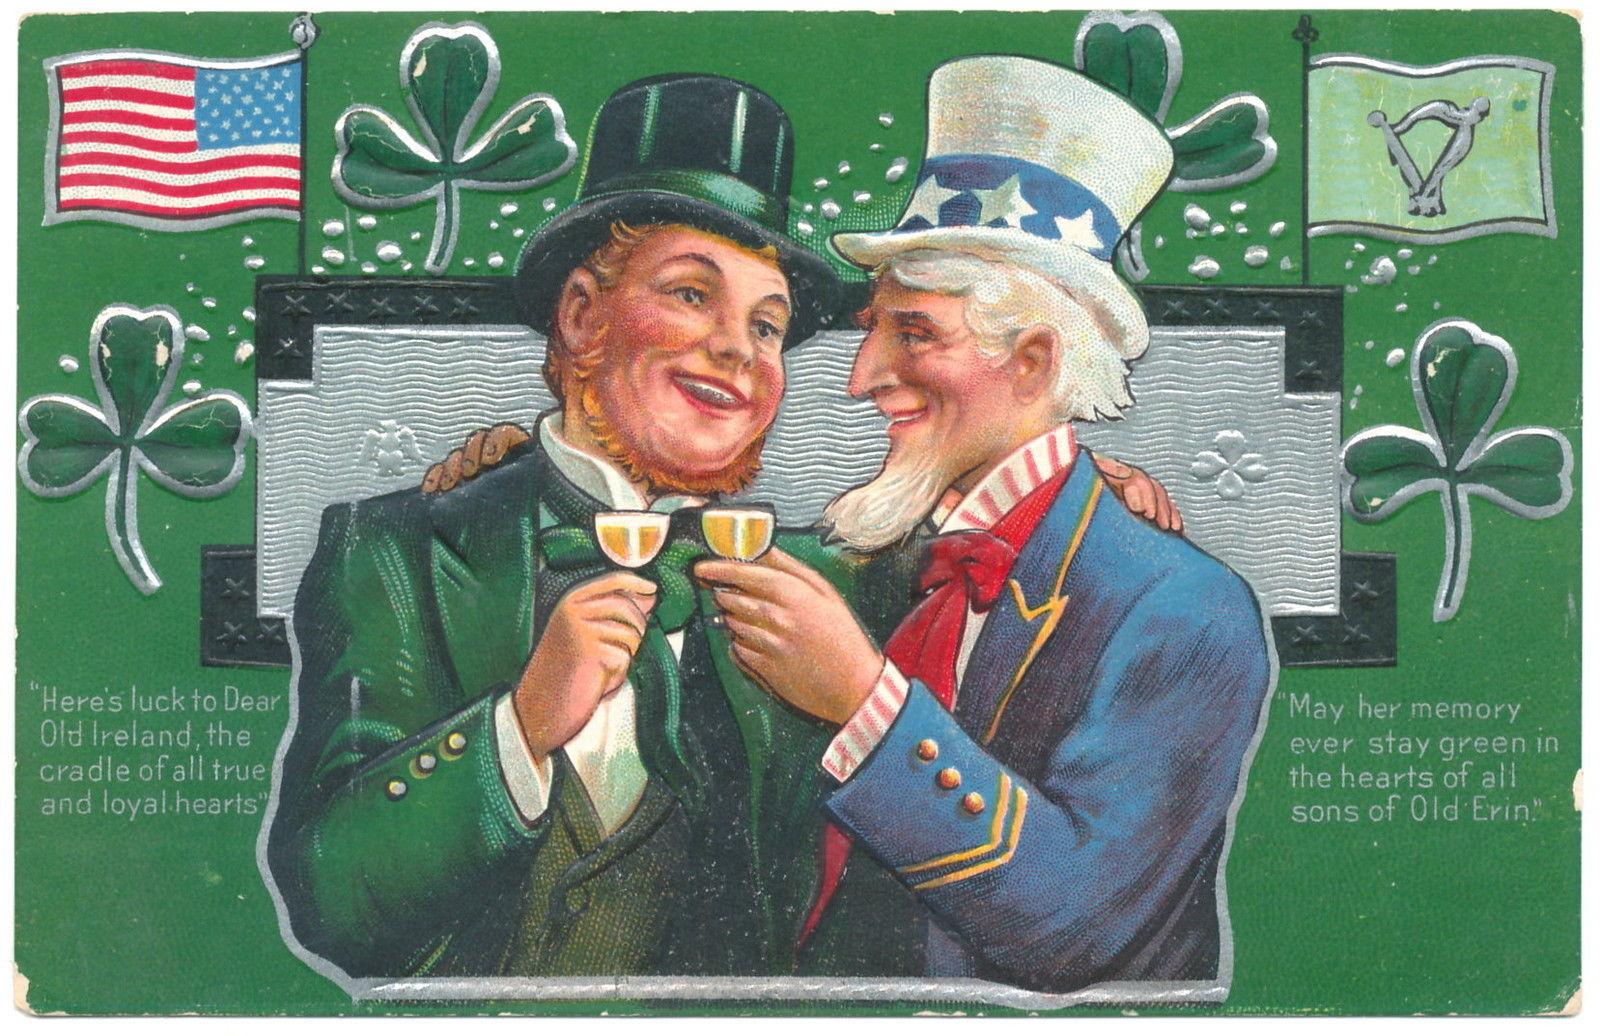 b22018a4cdb Vintage Ad Archive  a St. Patrick s Day Celebration!